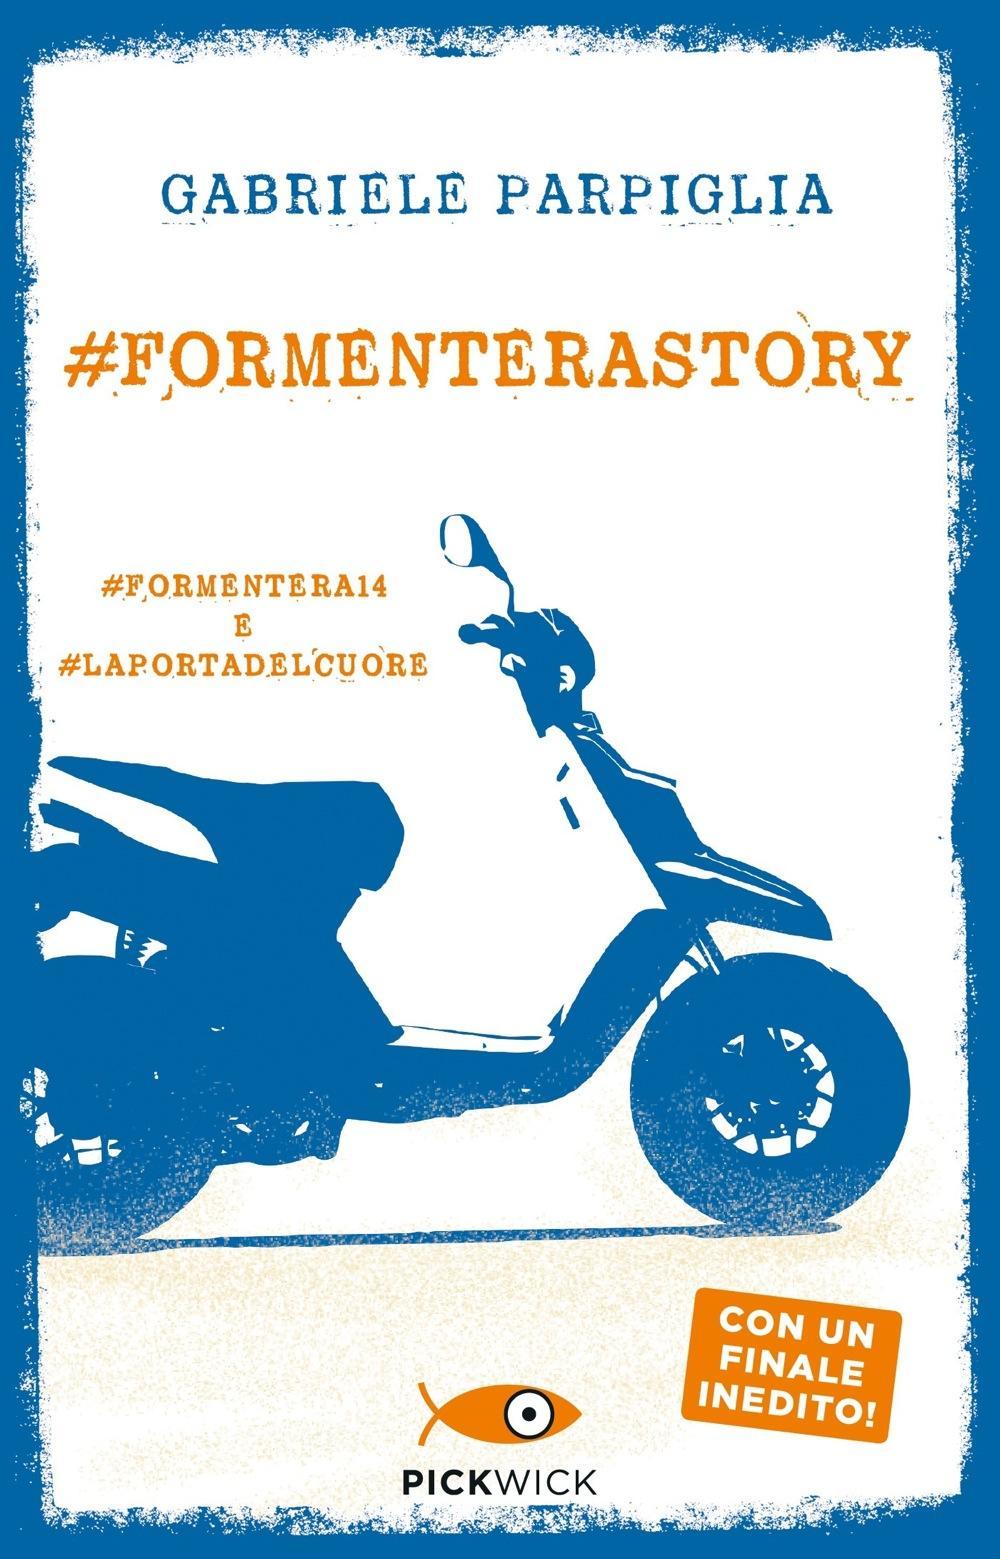 #Formenterastory